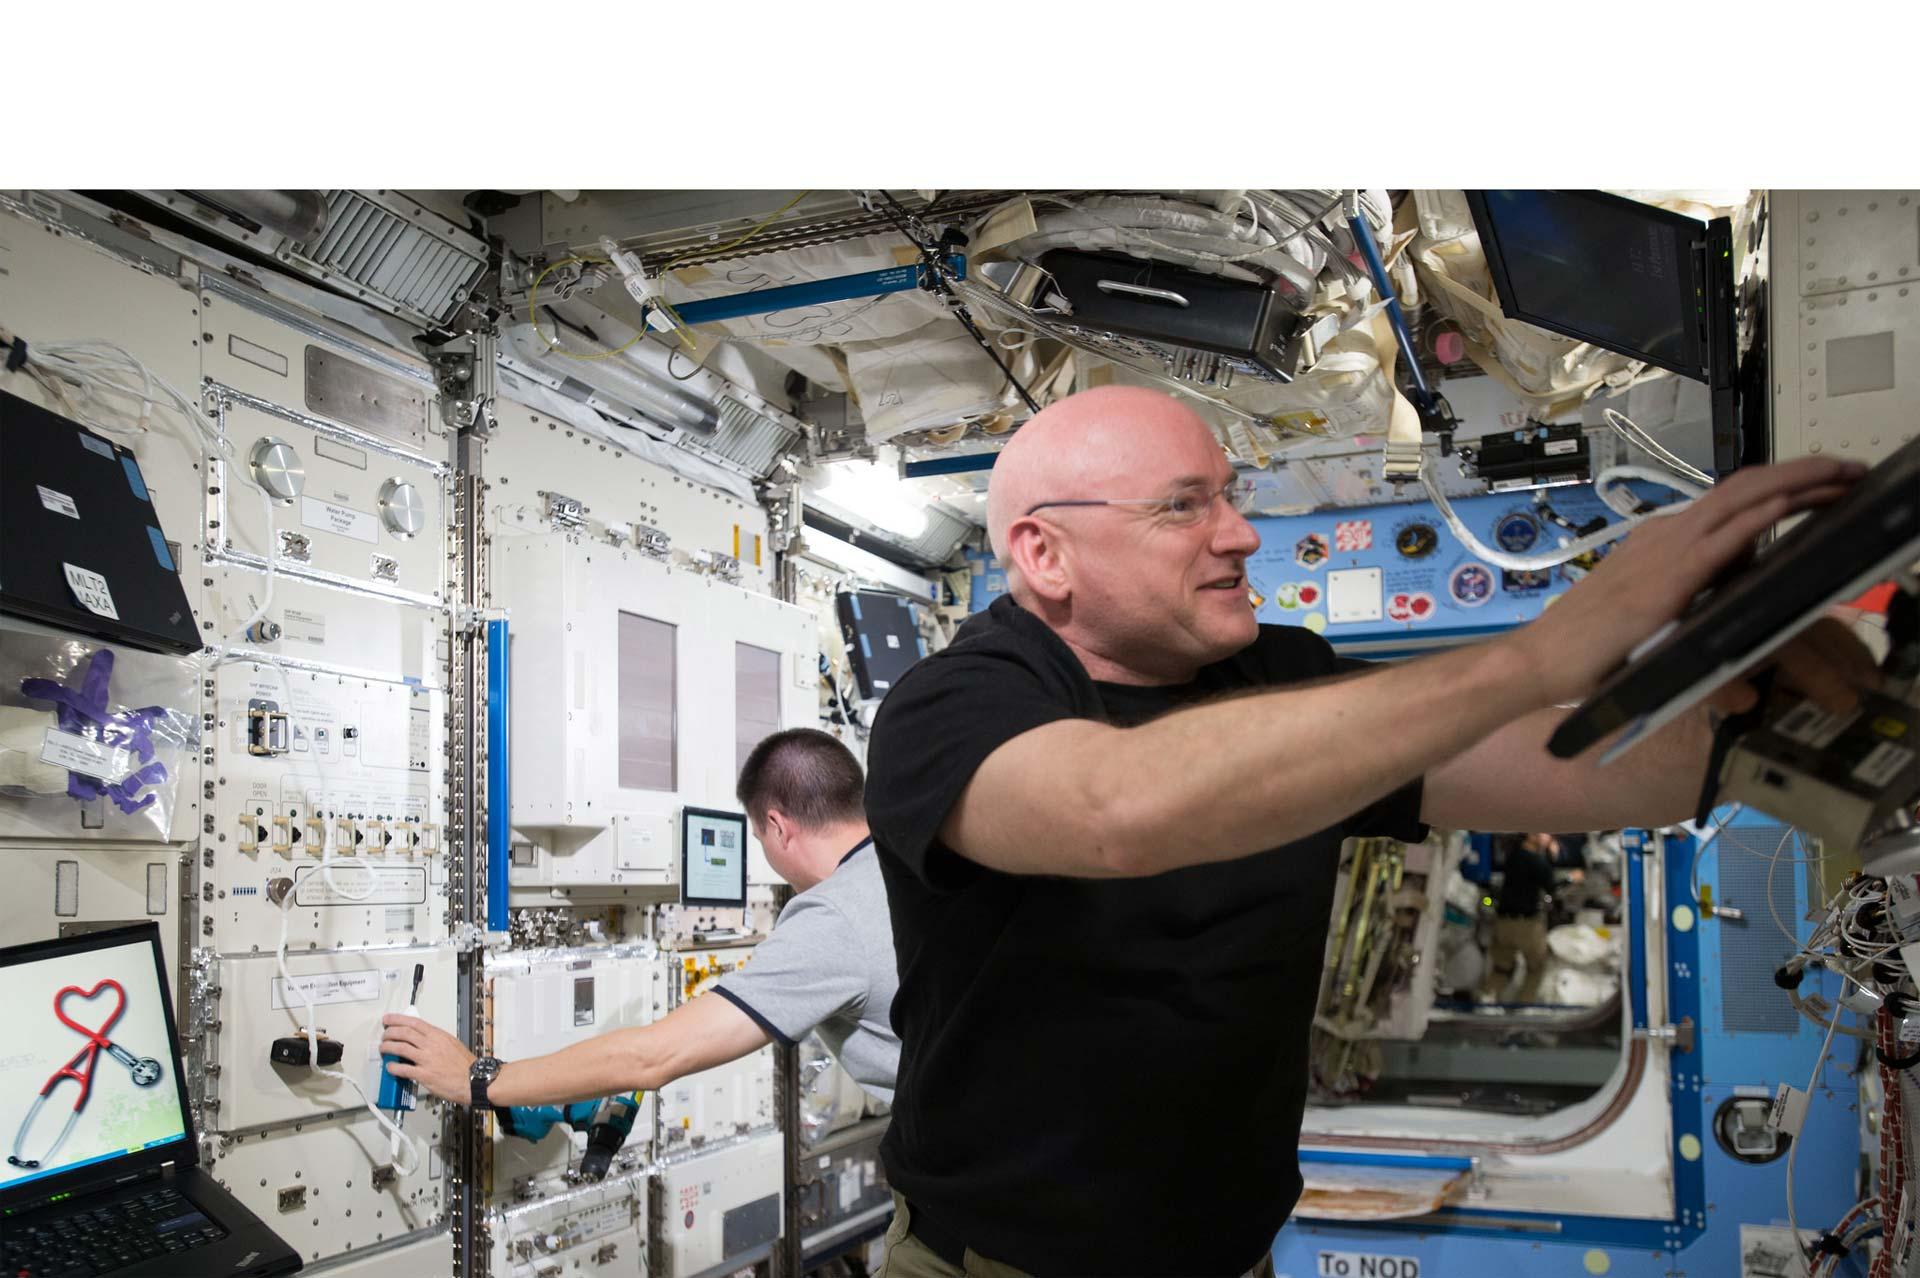 Scott Kelly celebró su año en la Estación Espacial Internacional haciéndole una broma a sus compañeros